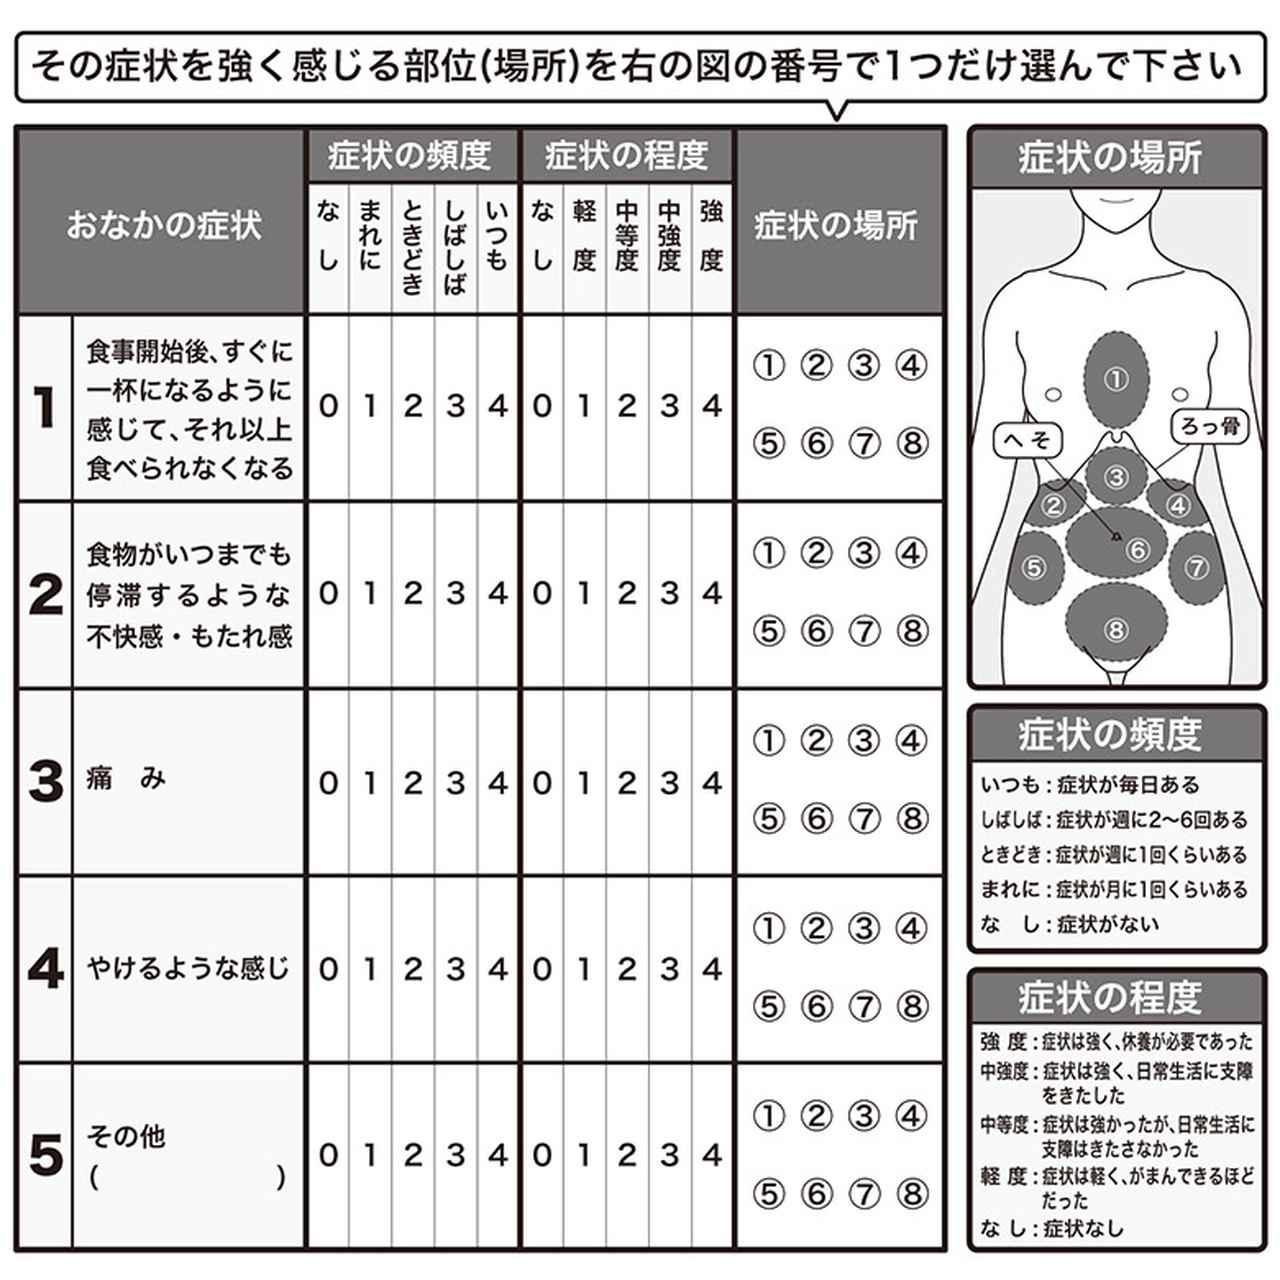 画像2: 【逆流性食道炎とは】何科を受診する?同じ症状でも炎症がない「胃食道逆流症」が増加 我慢できる胸やけでもかかりつけ医に相談を